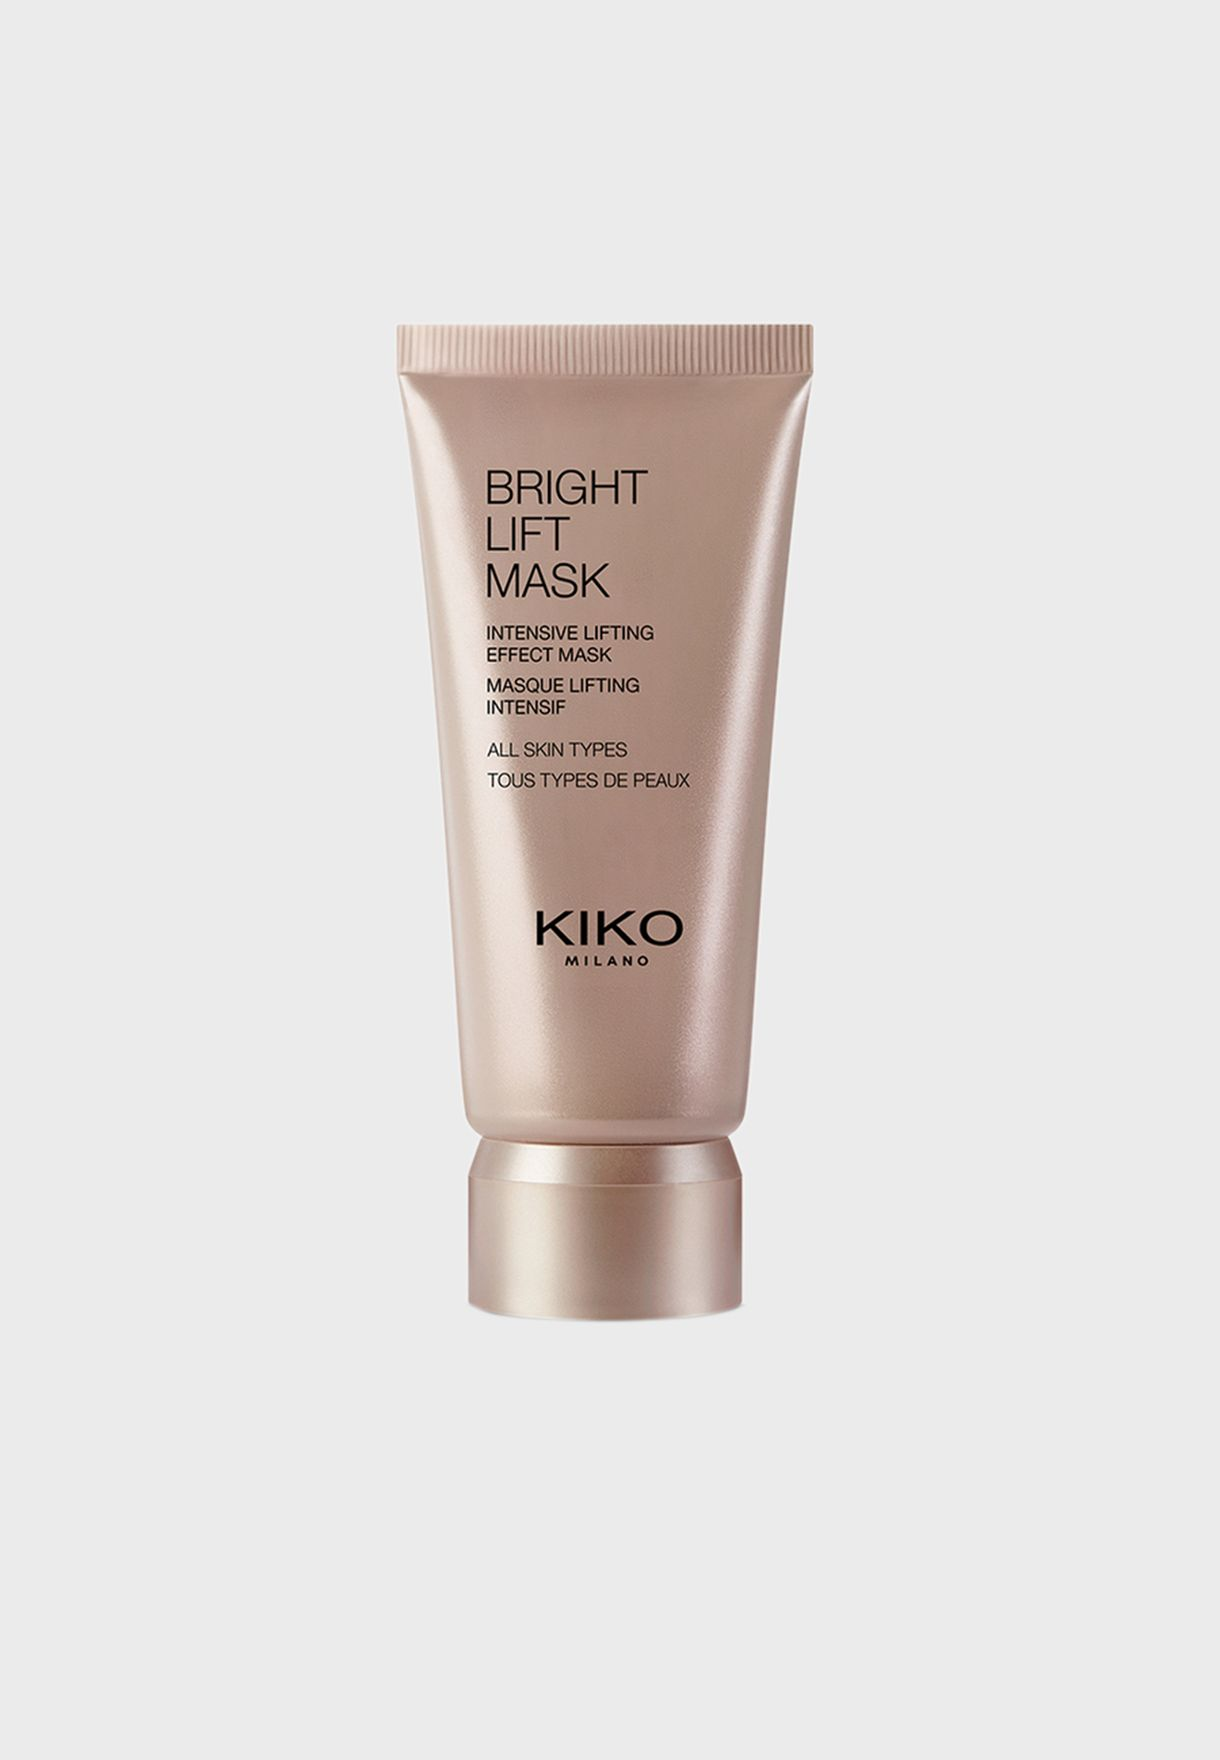 Bright Lift Mask